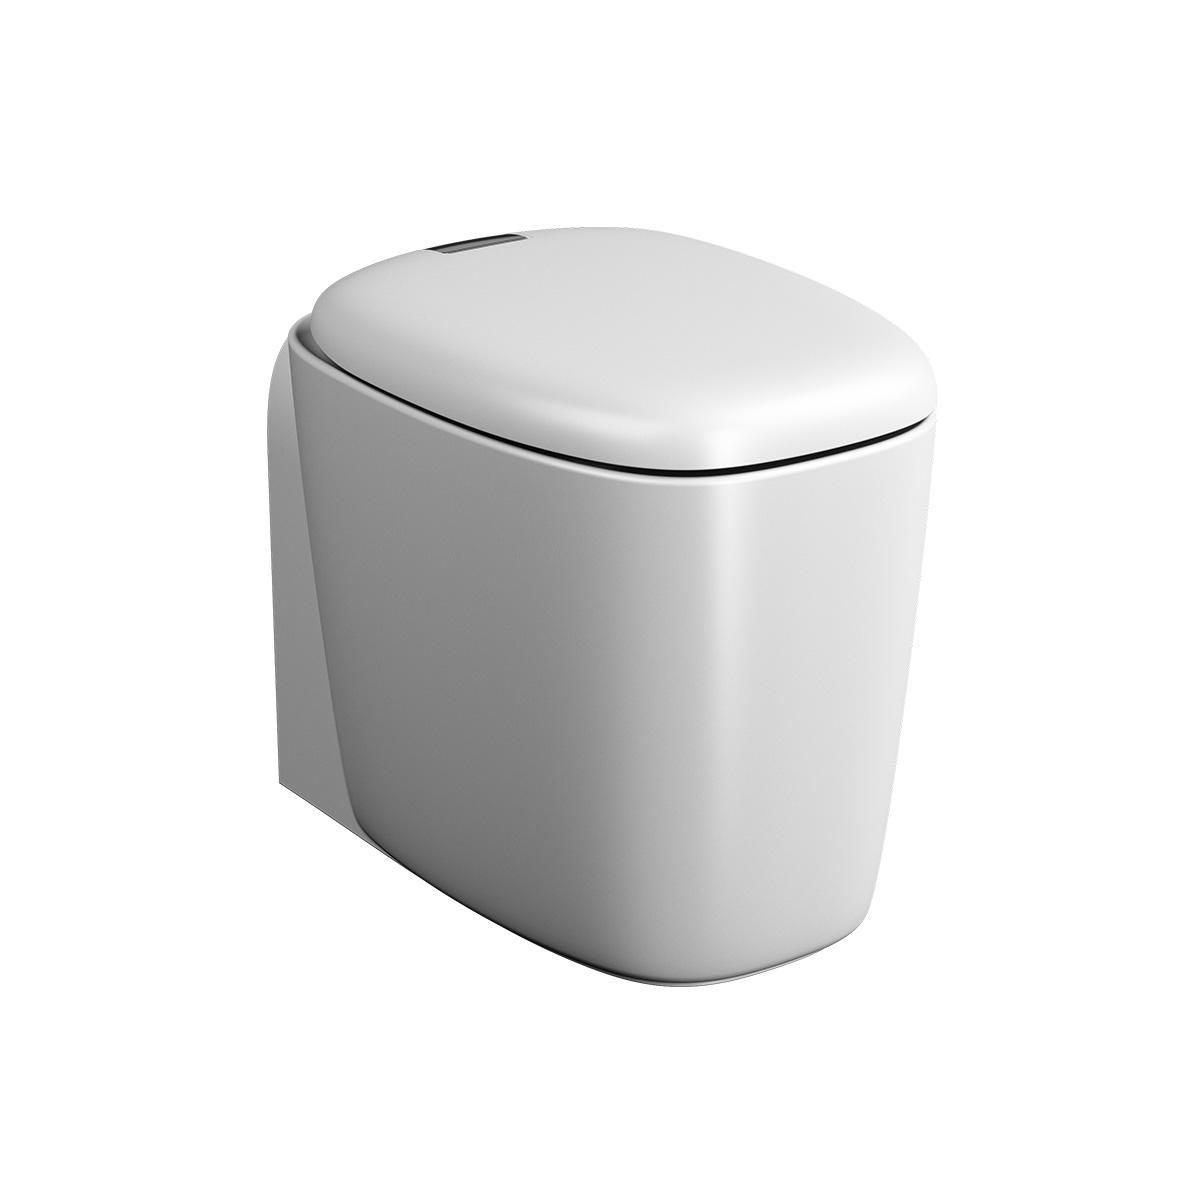 Plural WC BTW sans bride, fonction bidet, 55 cm, VC, Edelweiss